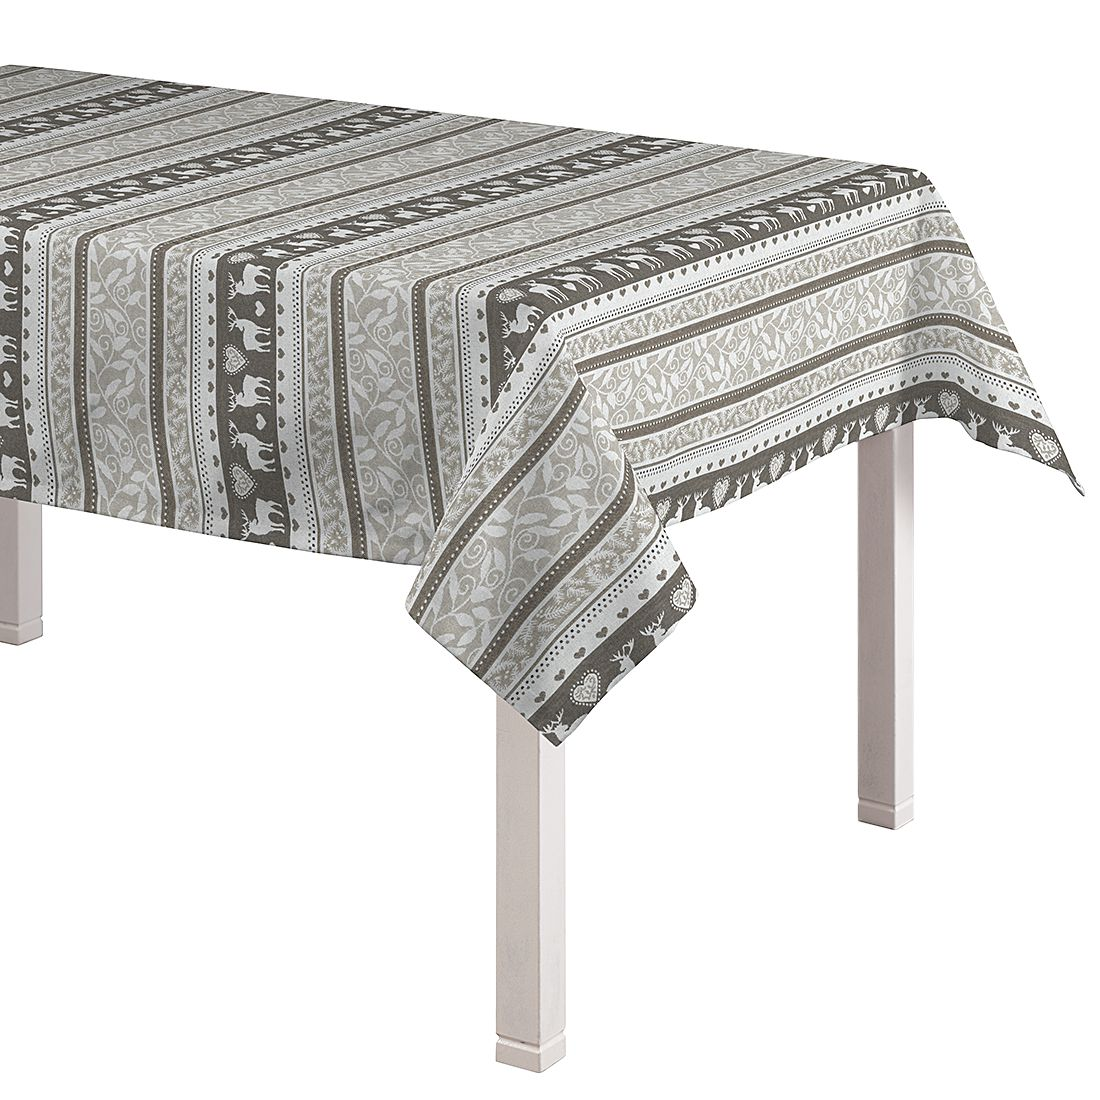 tischdecke rentiere grau gr n 130 x 180 cm dekoria g nstig online kaufen. Black Bedroom Furniture Sets. Home Design Ideas